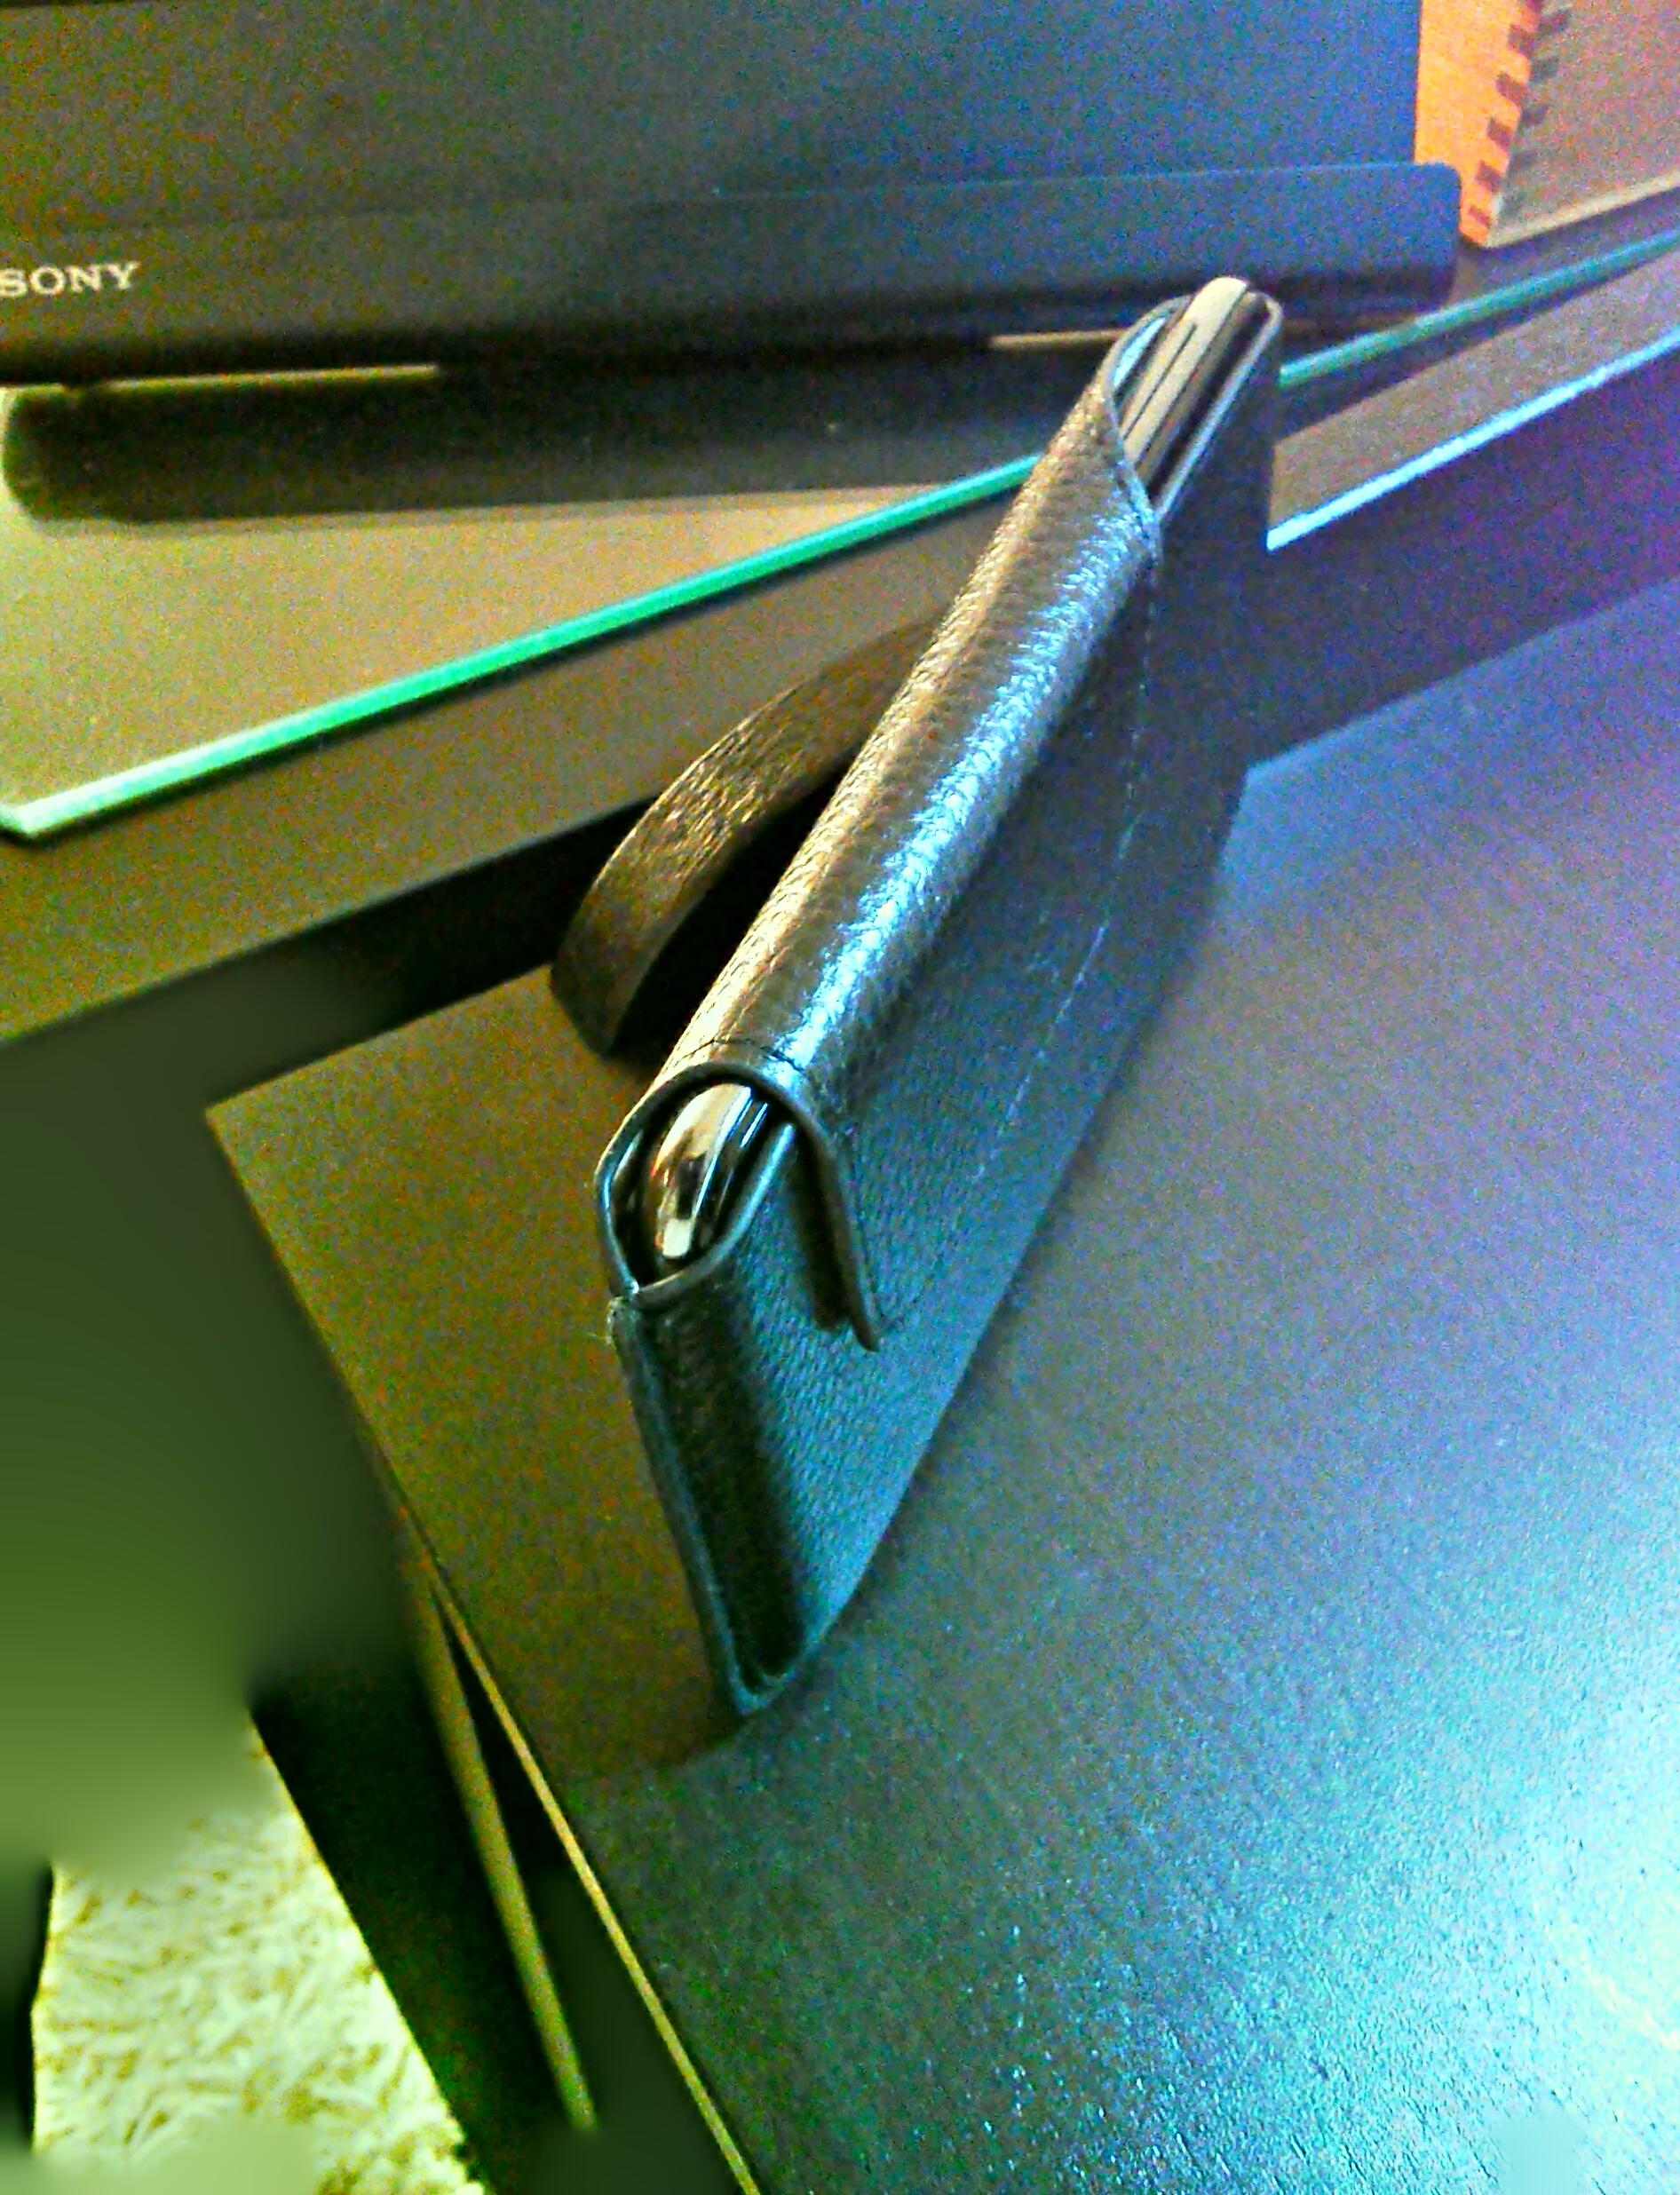 2012-02-24_20-11-24_HDR.jpg